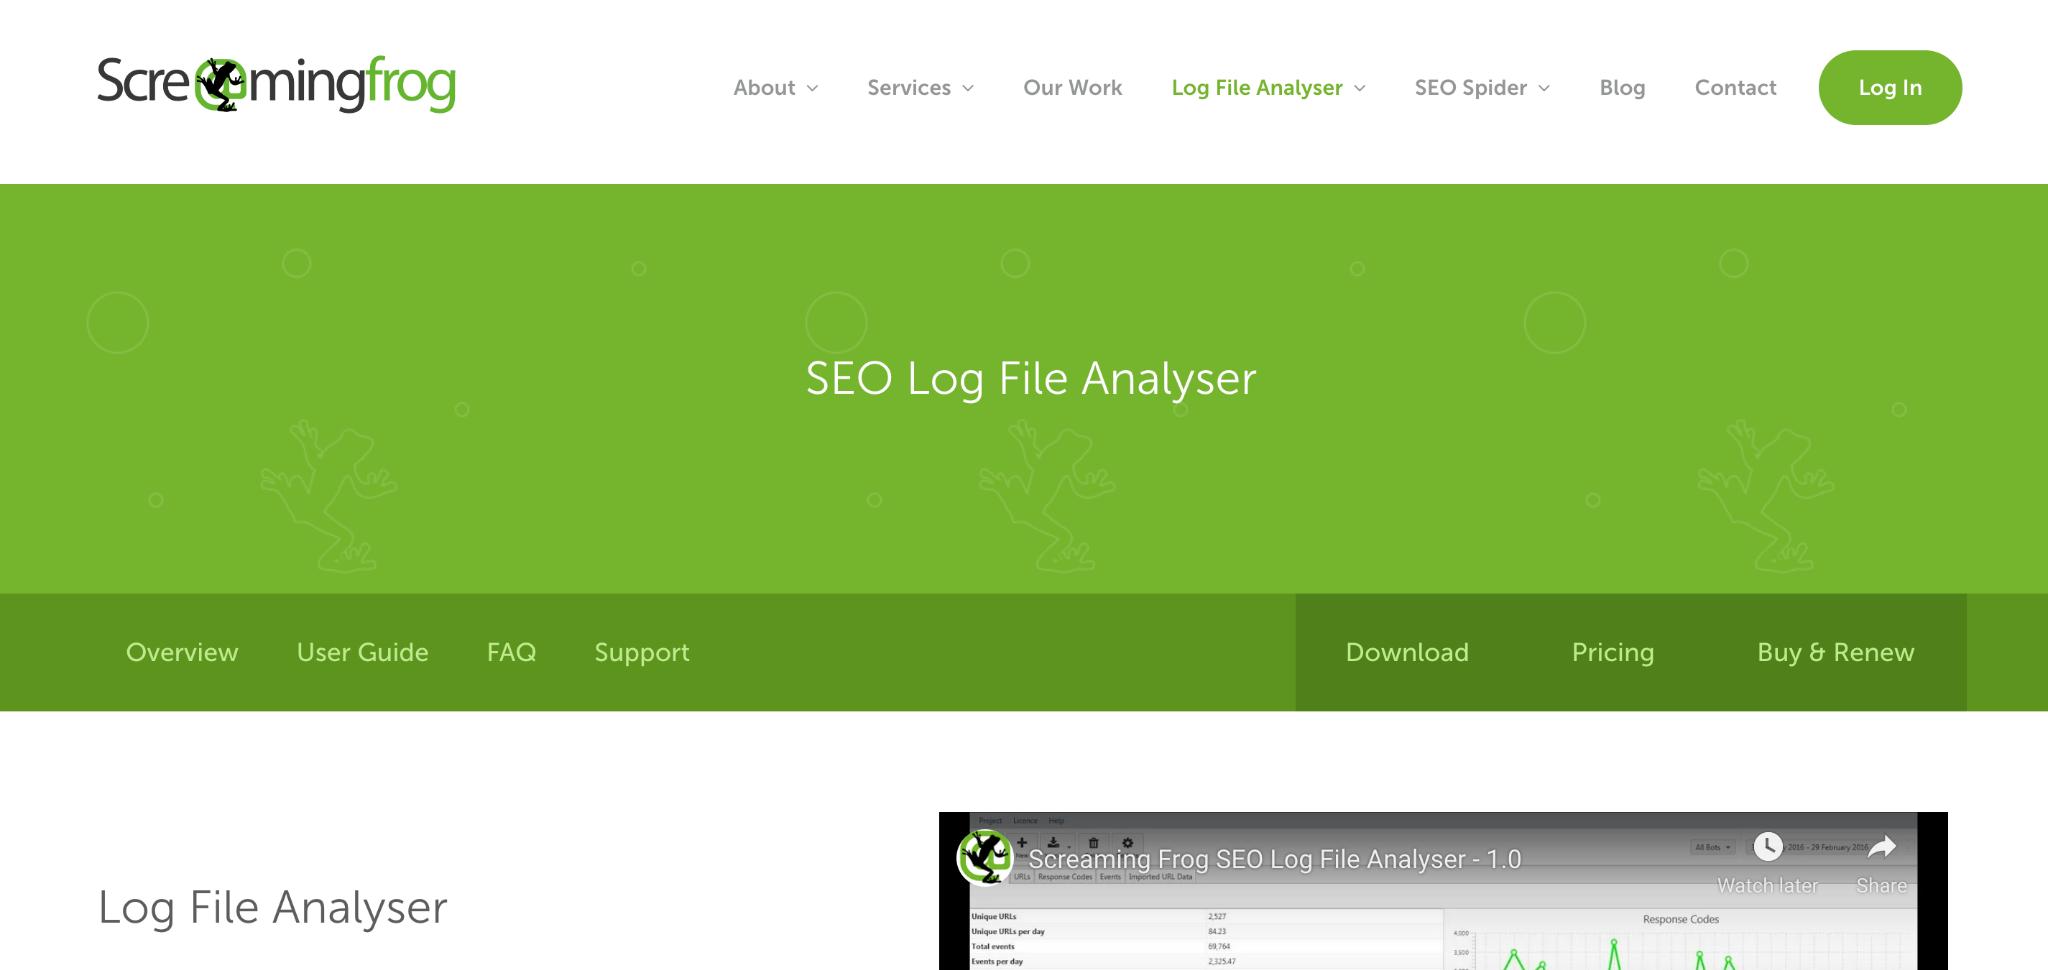 Screaming Frog SEO Log File Analyser